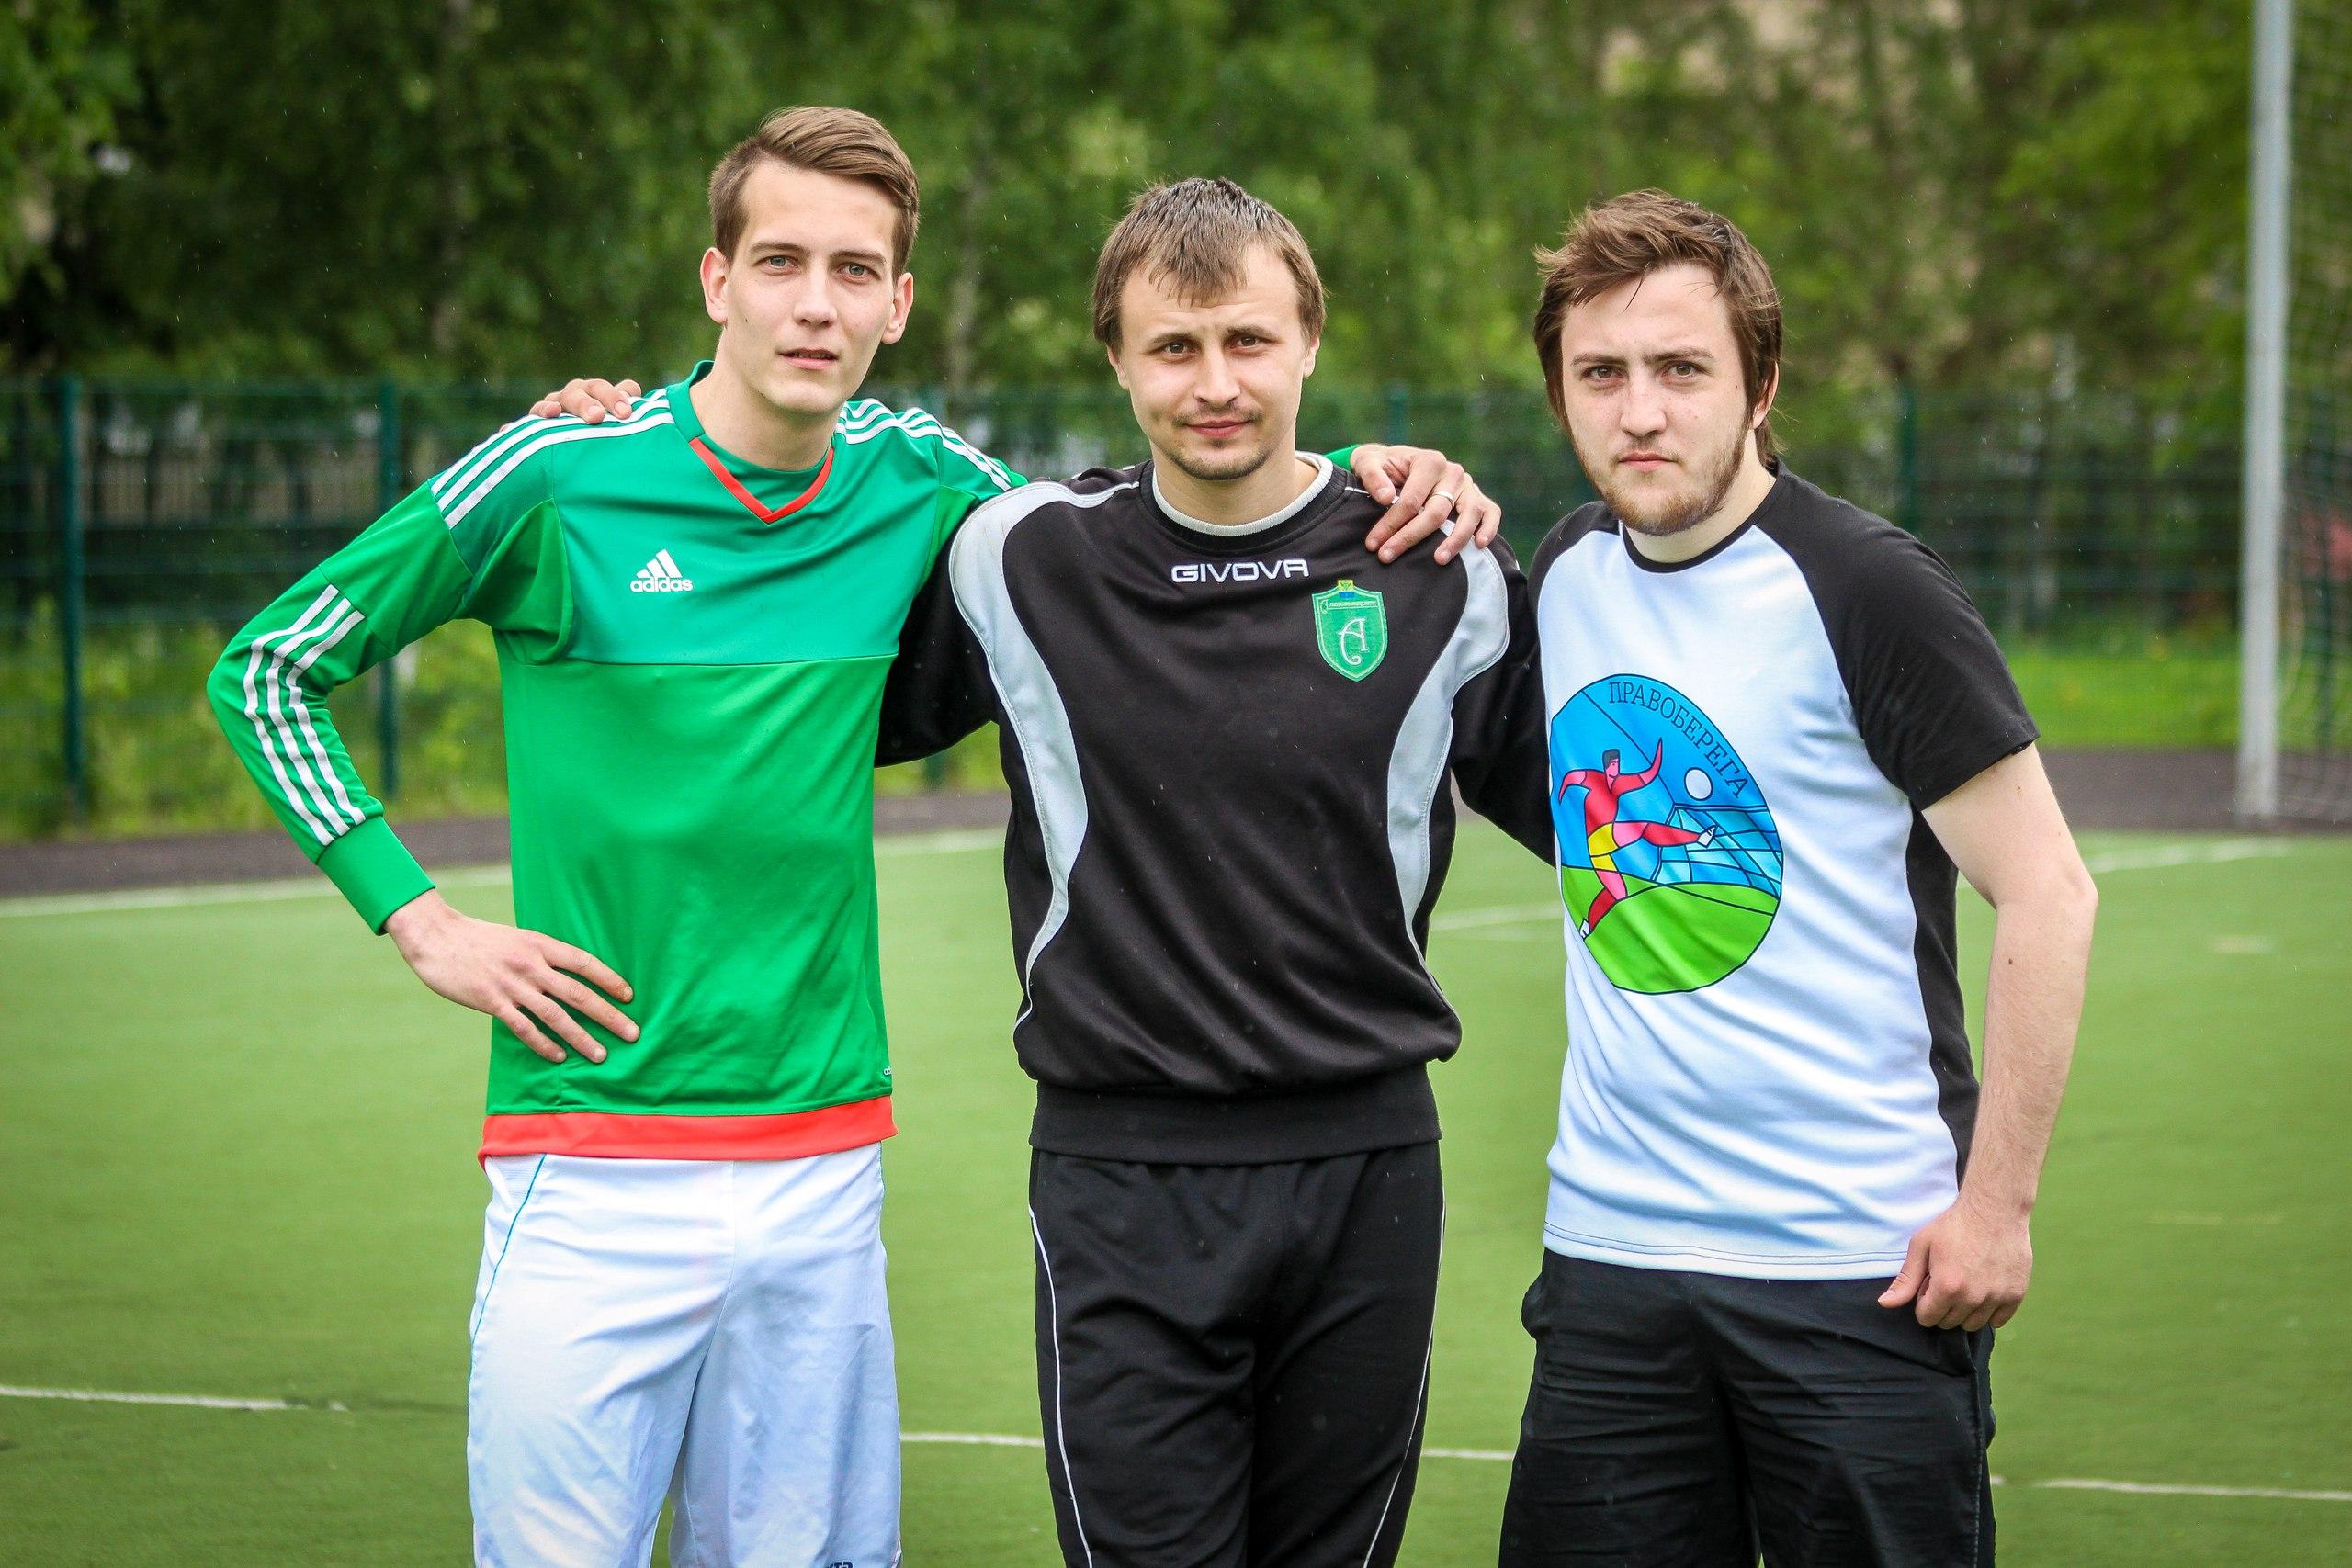 Николай Егоров, Сергей Самуйлов и Антон Конюк на турнире пенальтистов - 2017.